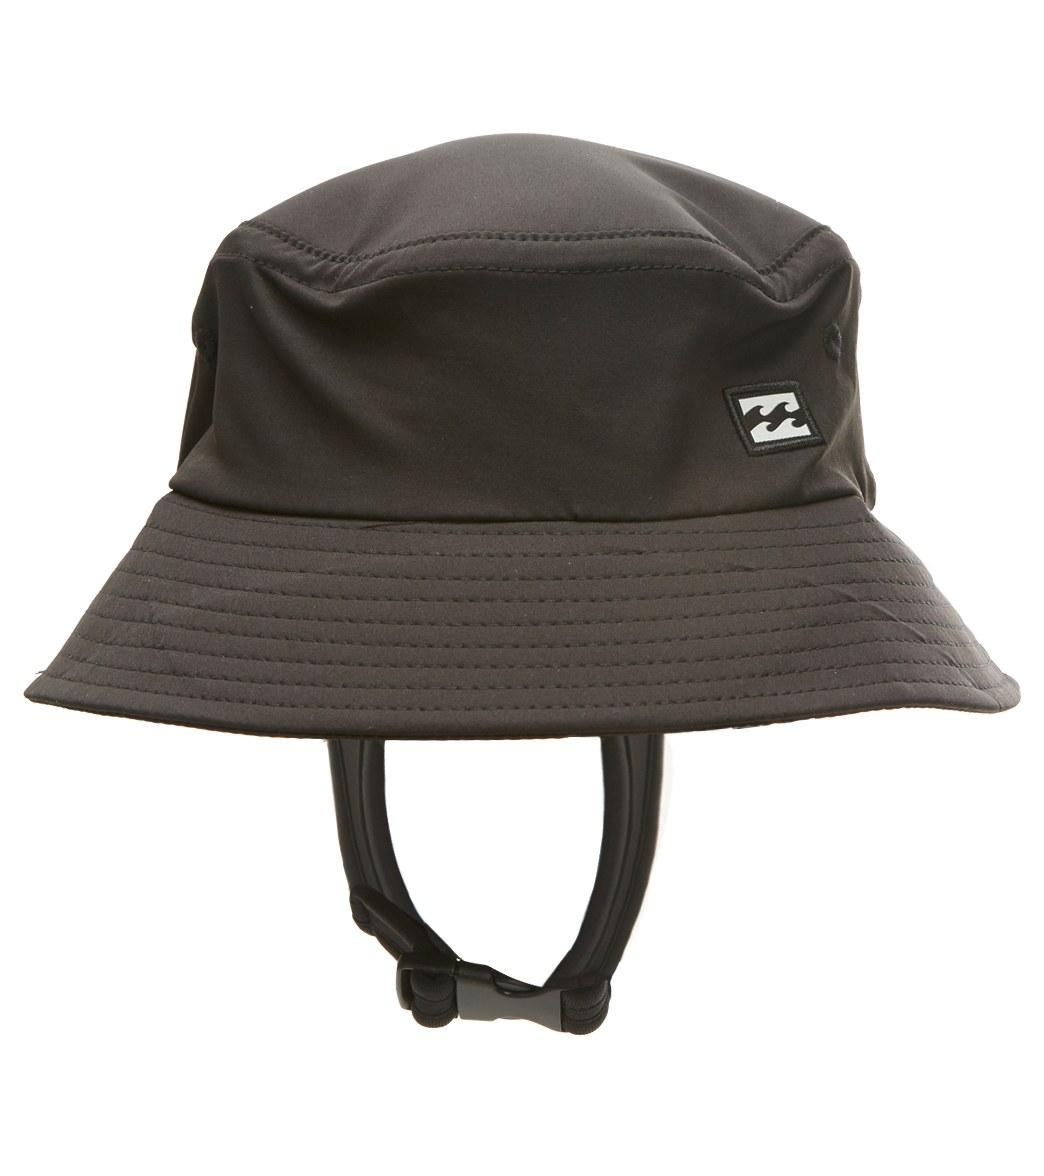 Billabong Men s Surf Bucket Hat at SwimOutlet.com 6beb70a4d19